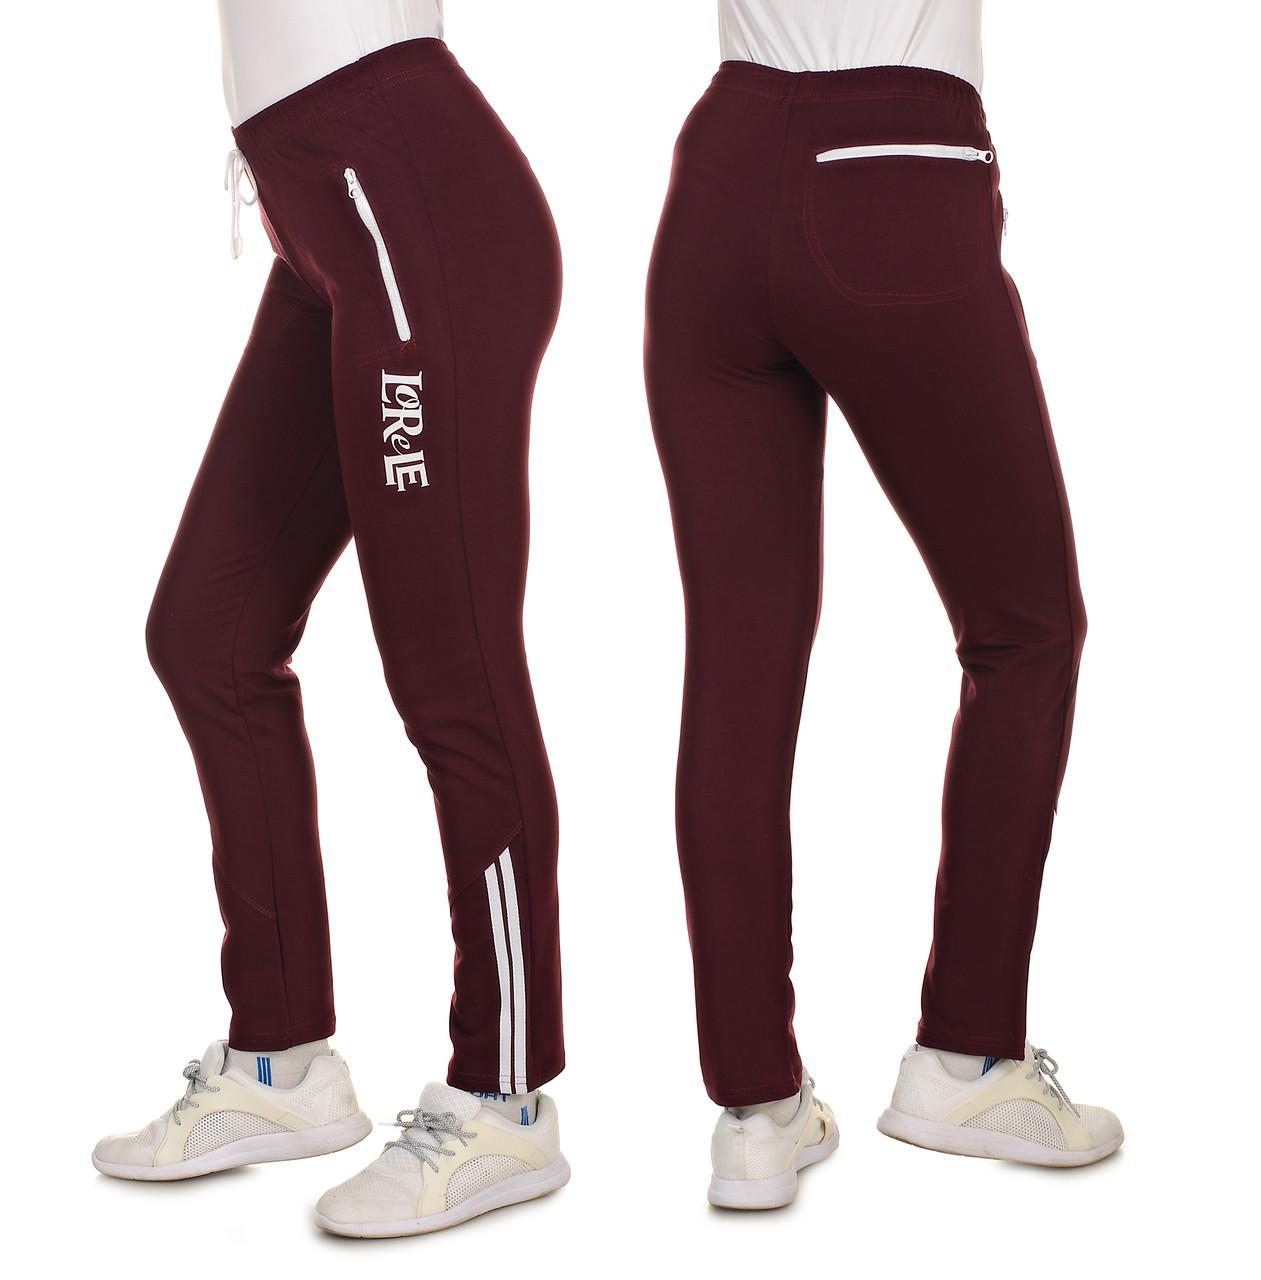 Жіночі демісезонні трикотажні брюки з двухнитки з лампасом, прямі, Розміри 44-46